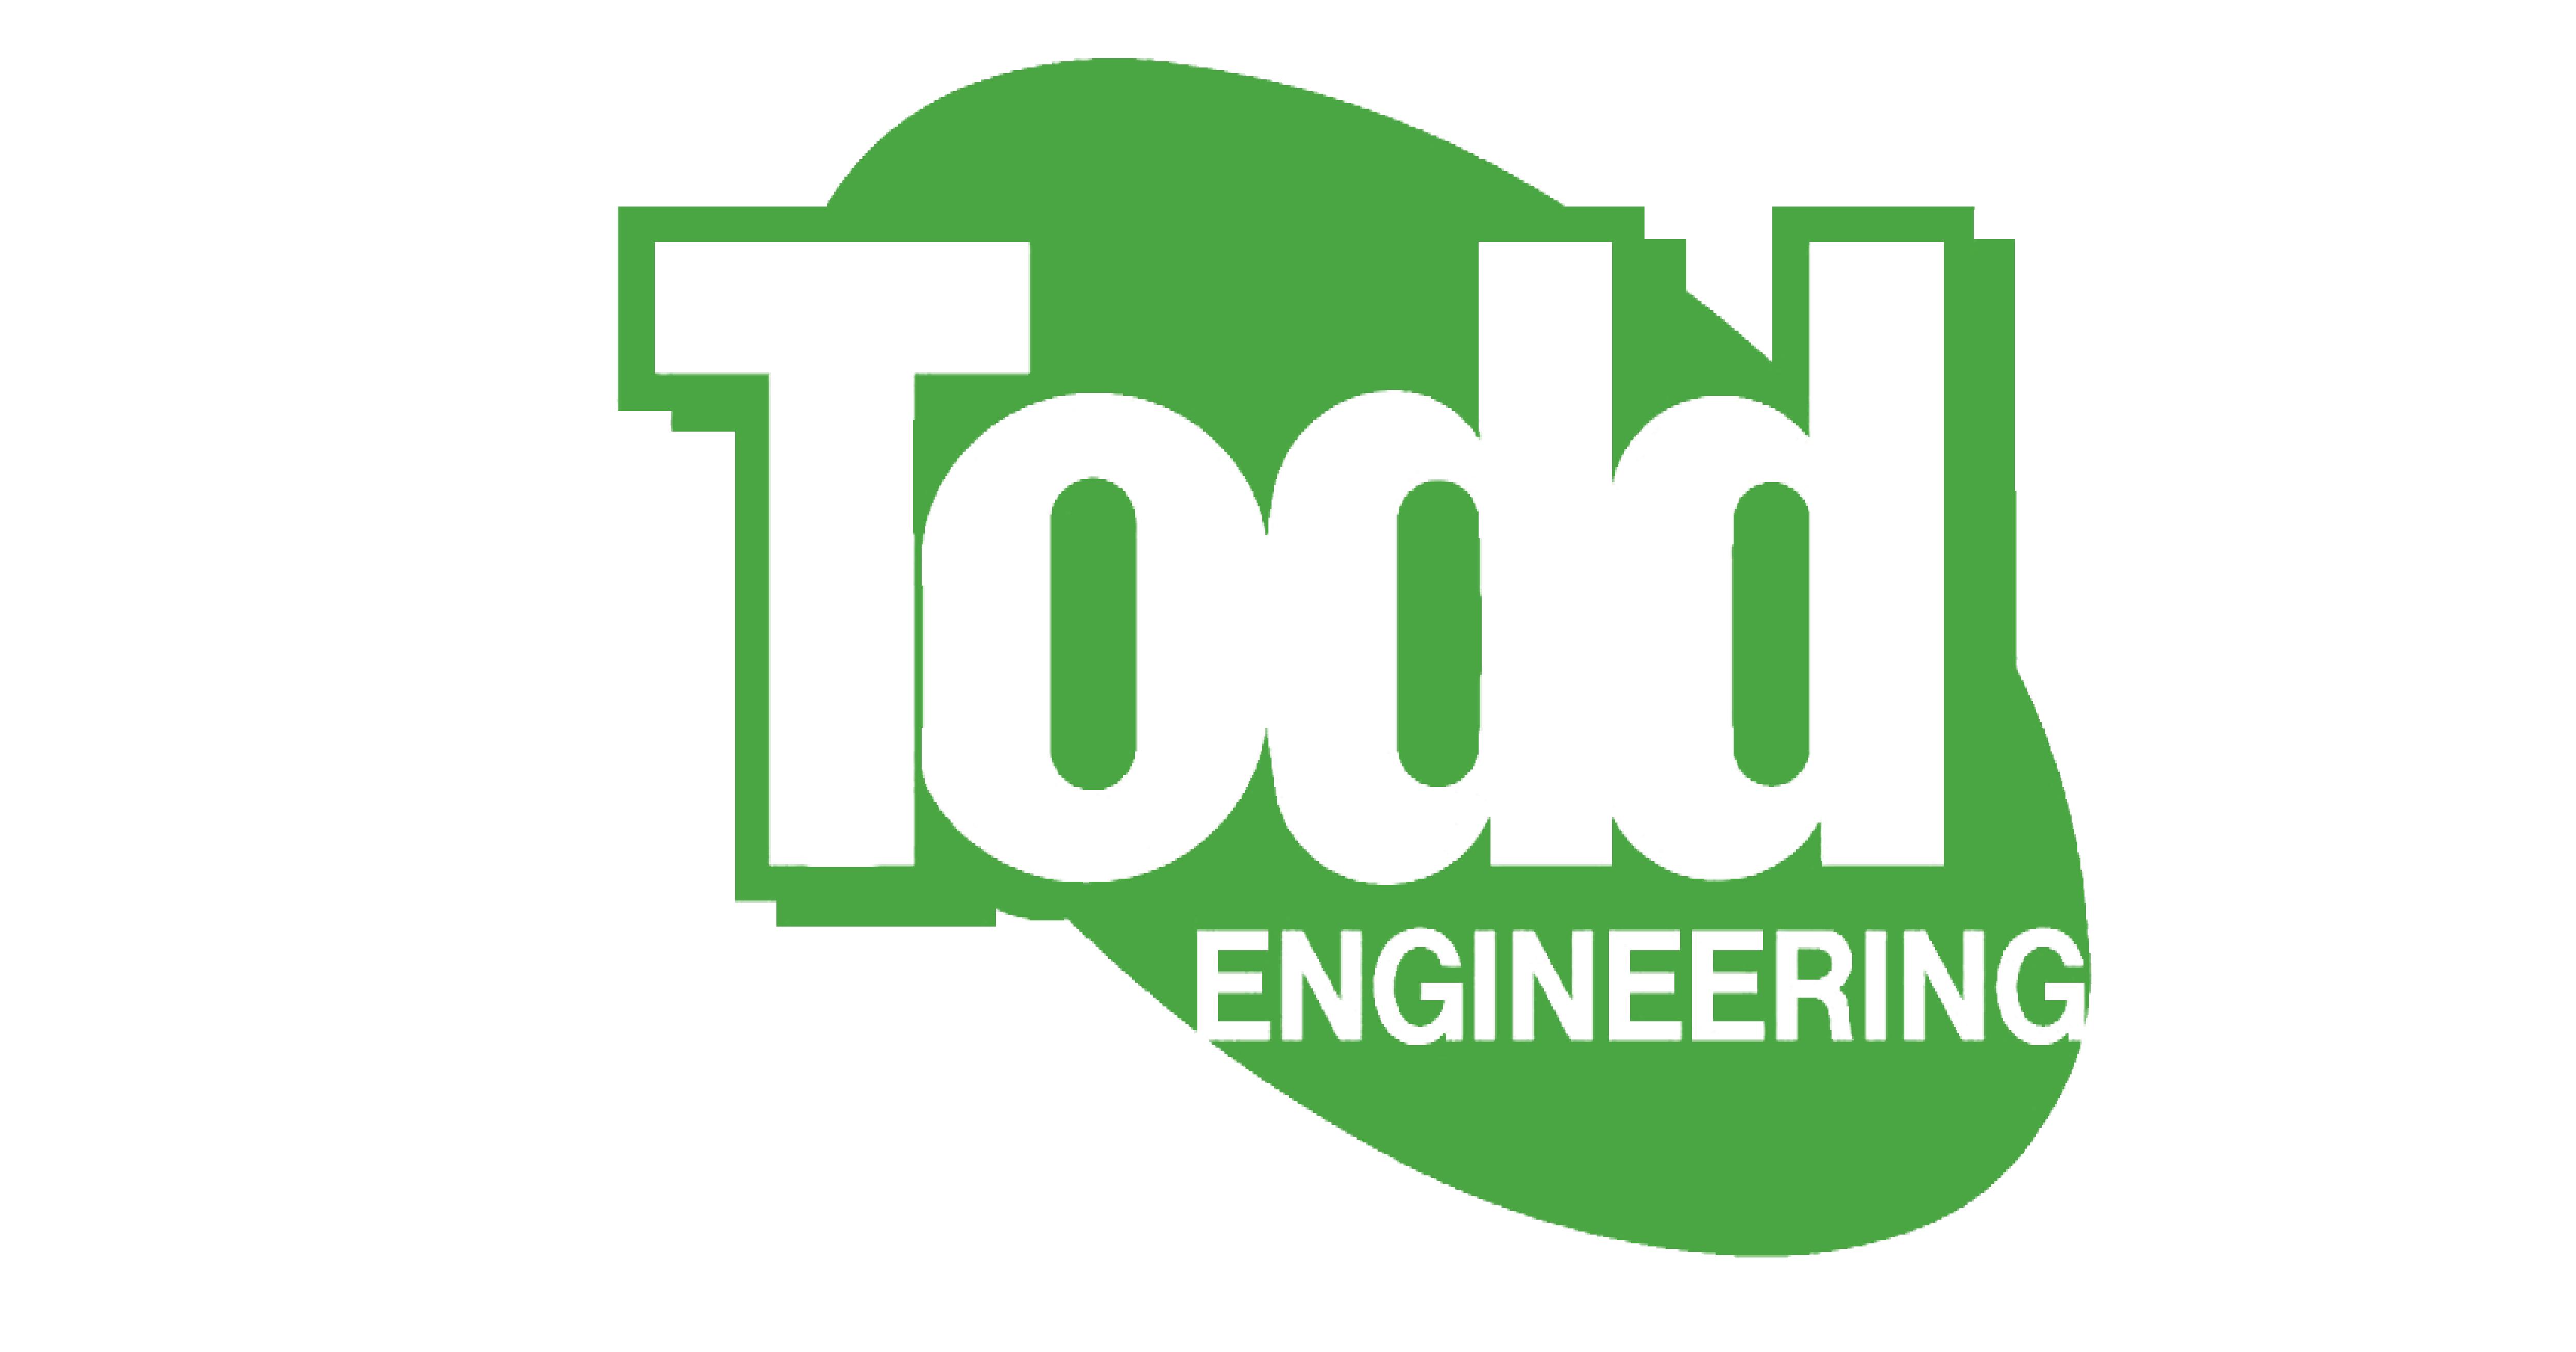 (c) Toddengineering.co.uk